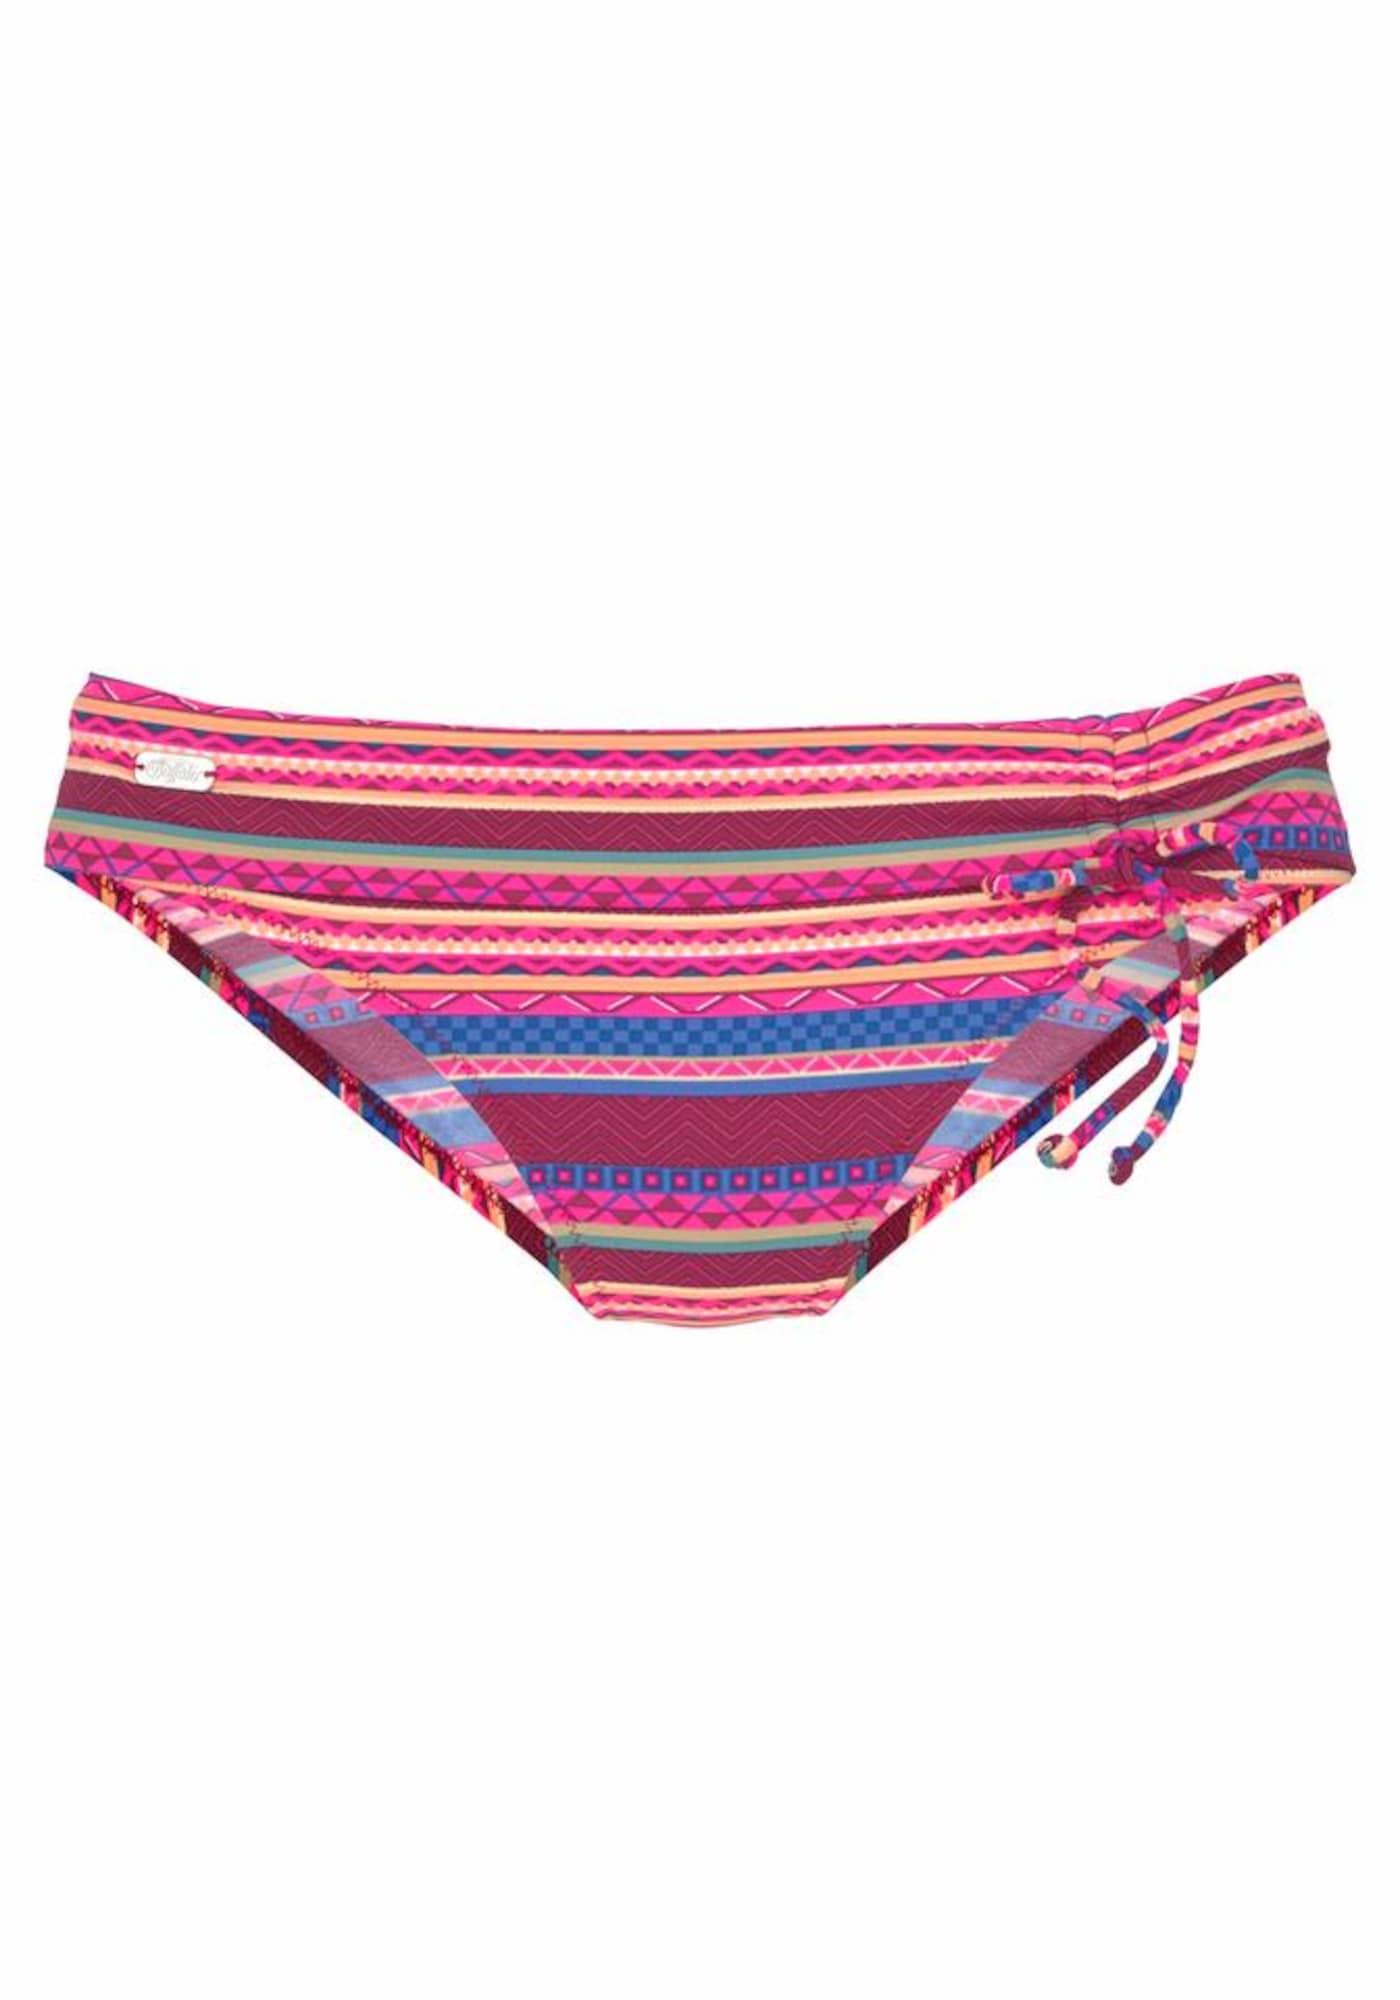 BUFFALO Bikinio kelnaitės vyšninė spalva / mėlyna / fuksijų spalva